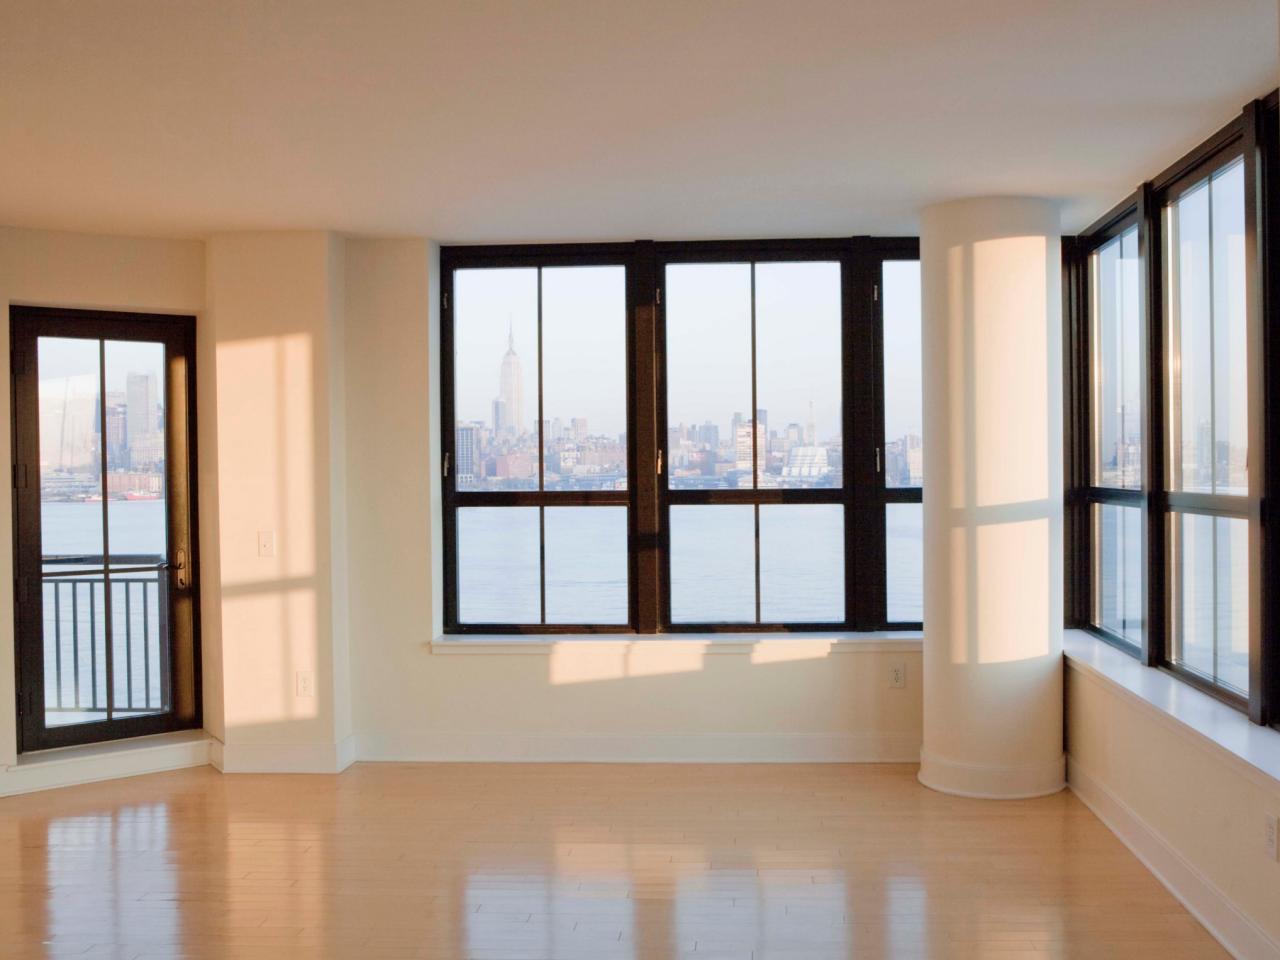 Ts 86526285 Empty Apartment S4x3 Vacant